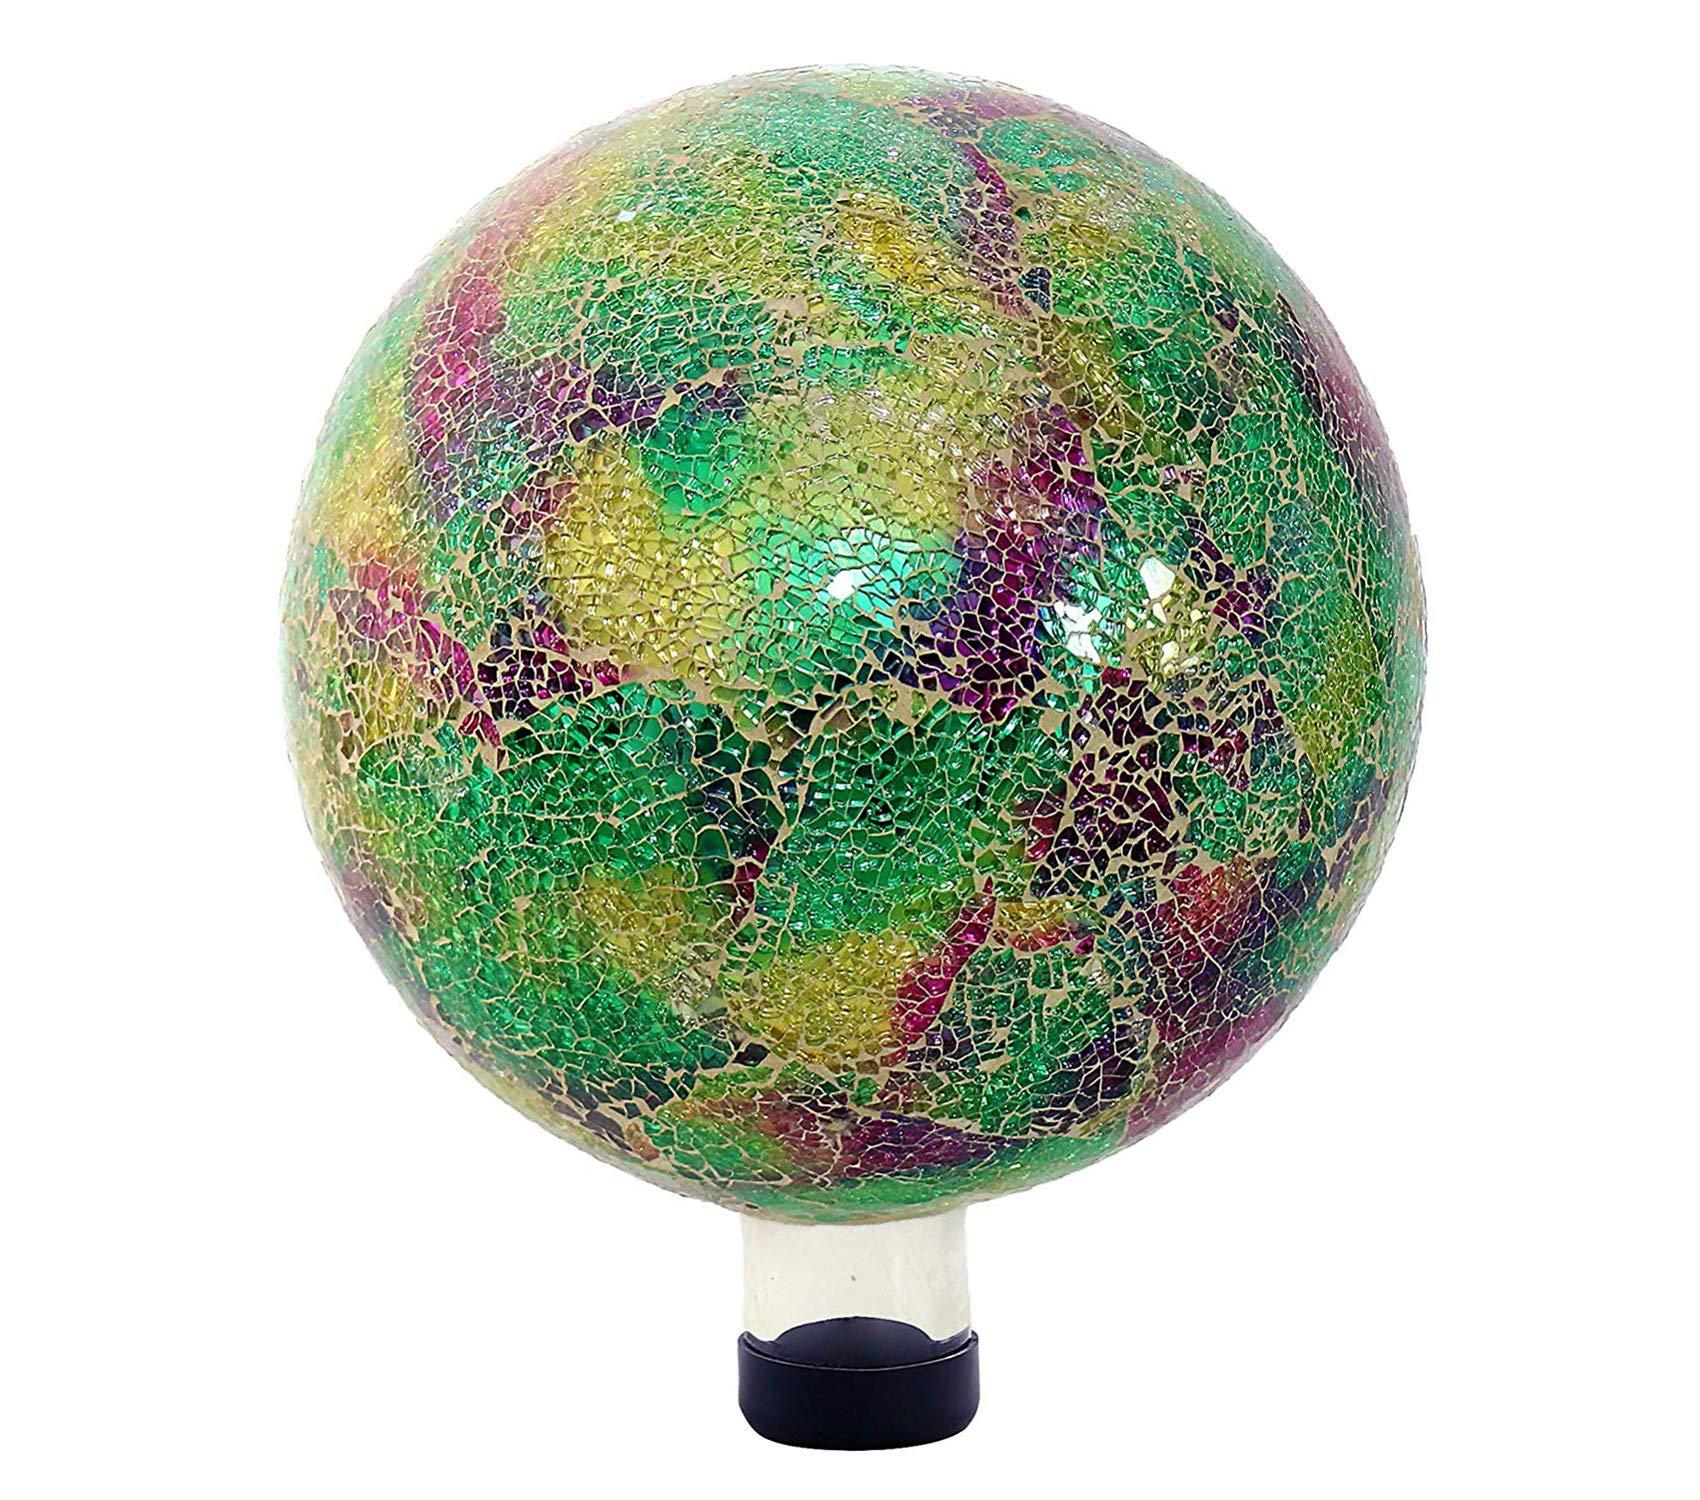 Outdoor Garden Backyard Décor Mosaic Gazing Globe, 11 Inch Tall Multi-Color